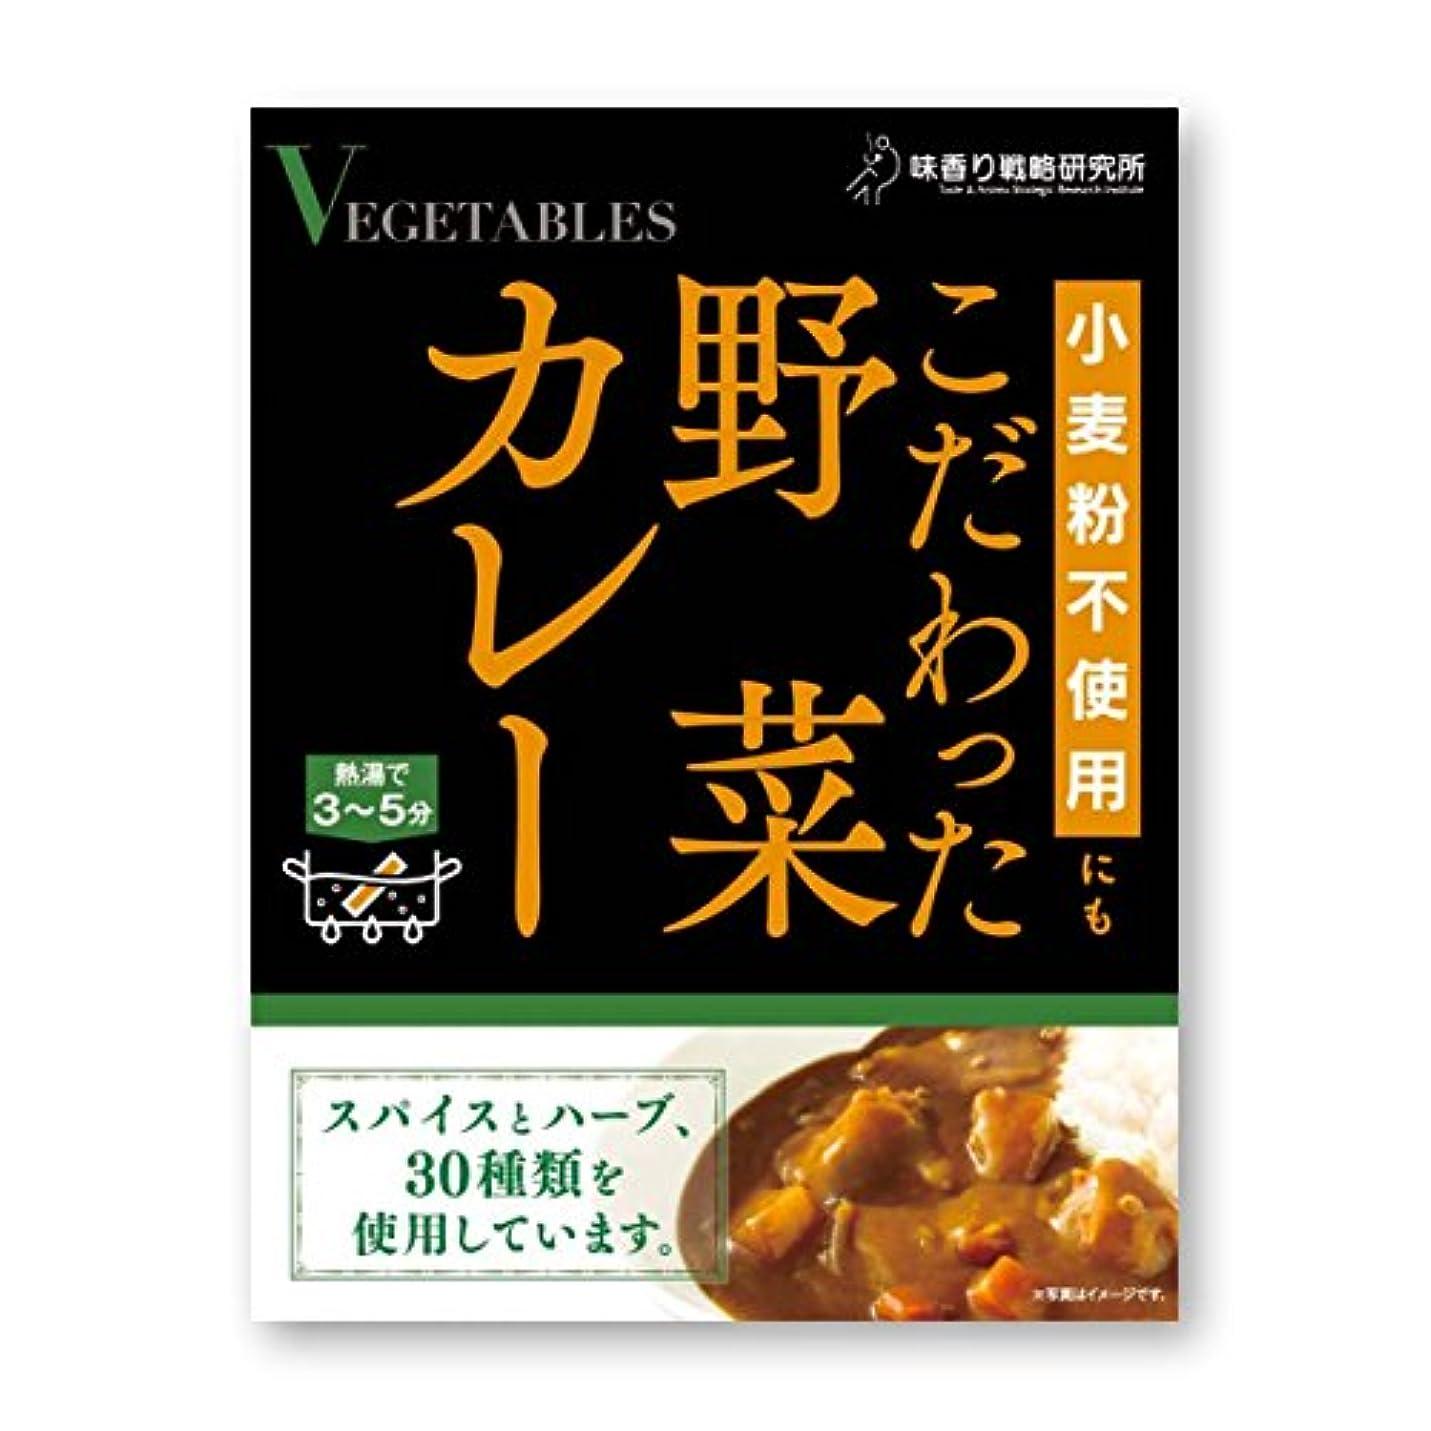 ぐったり永久不規則な小麦粉不使用にもこだわった野菜カレーセット 180g×4食